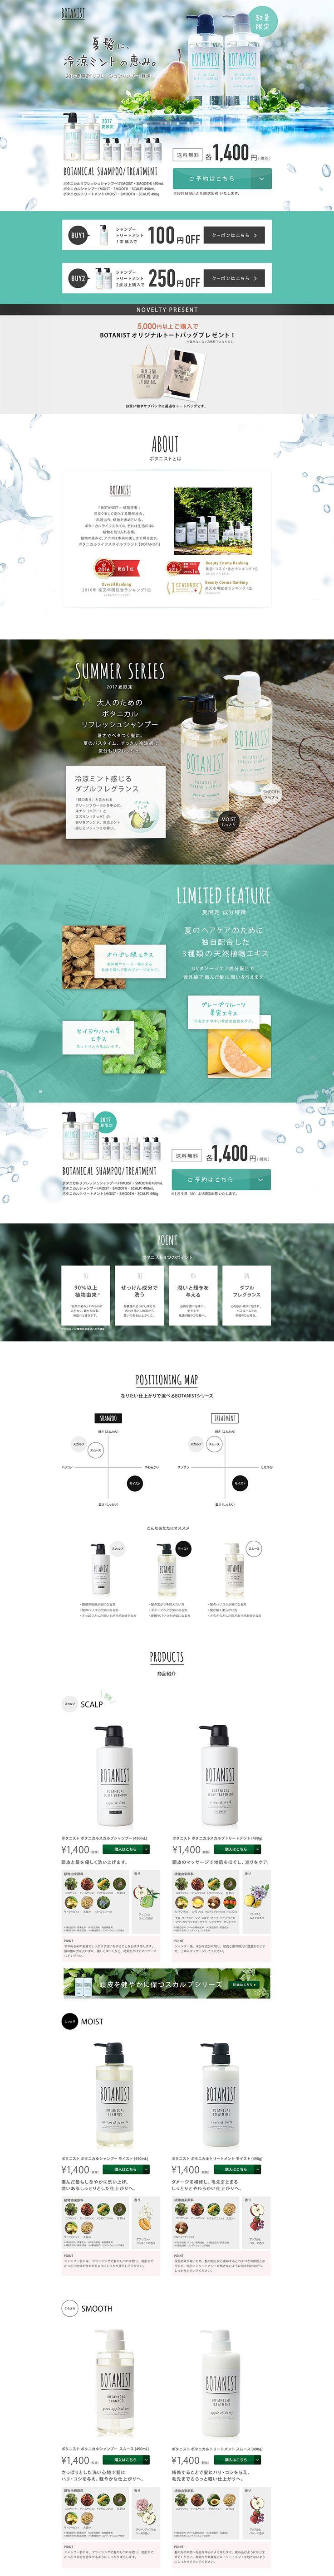 ボタニカル リフレッシュシャンプー|WEBデザイナーさん必見!ランディングページのデザイン参考に(キレイ系)